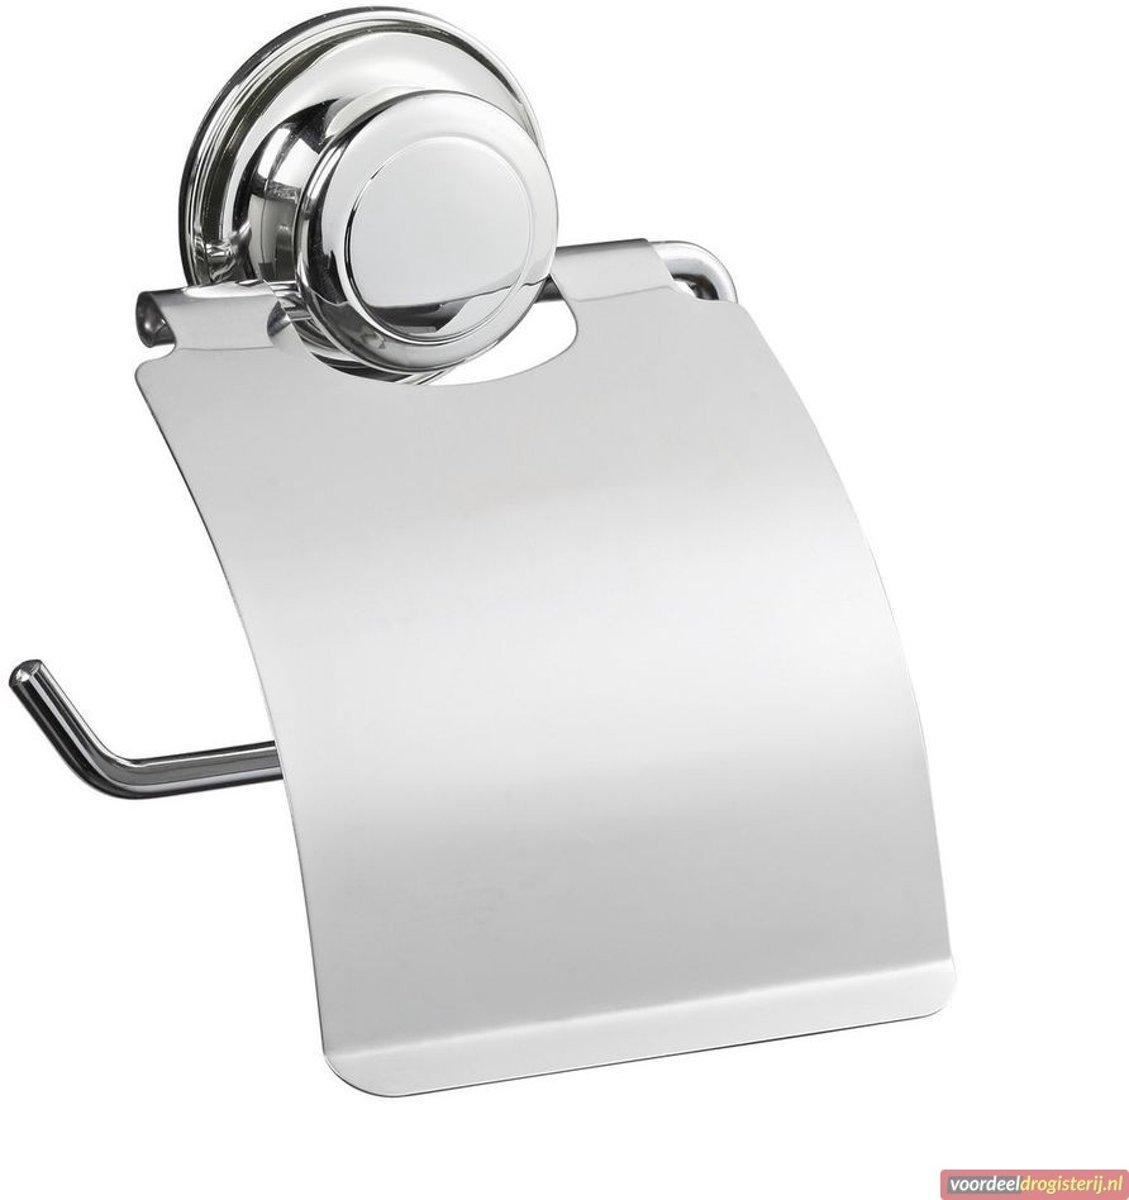 Toiletrolhouder Zonder Boren Keukenmarktnederland Badkameraccessoires